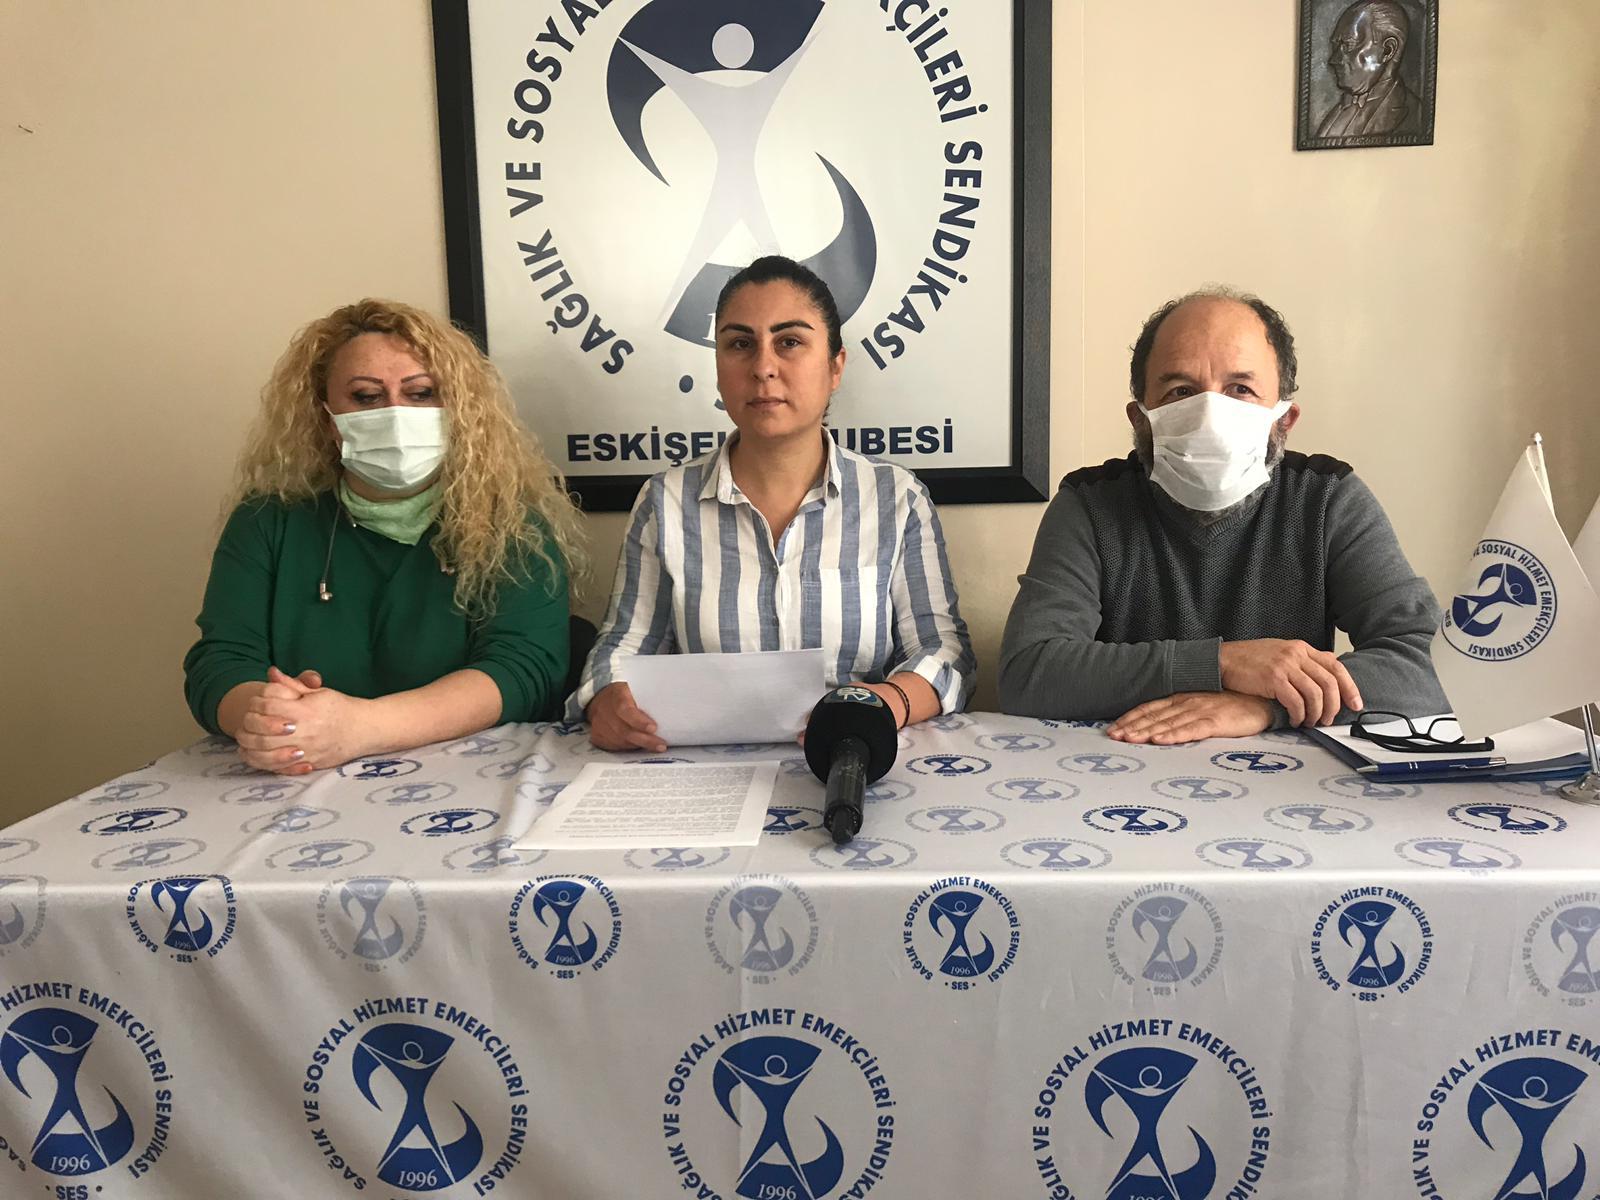 Eskişehir Şubemiz: Salgın Sağlık Emekçilerini Kölece Çalıştırarak Önlenmez